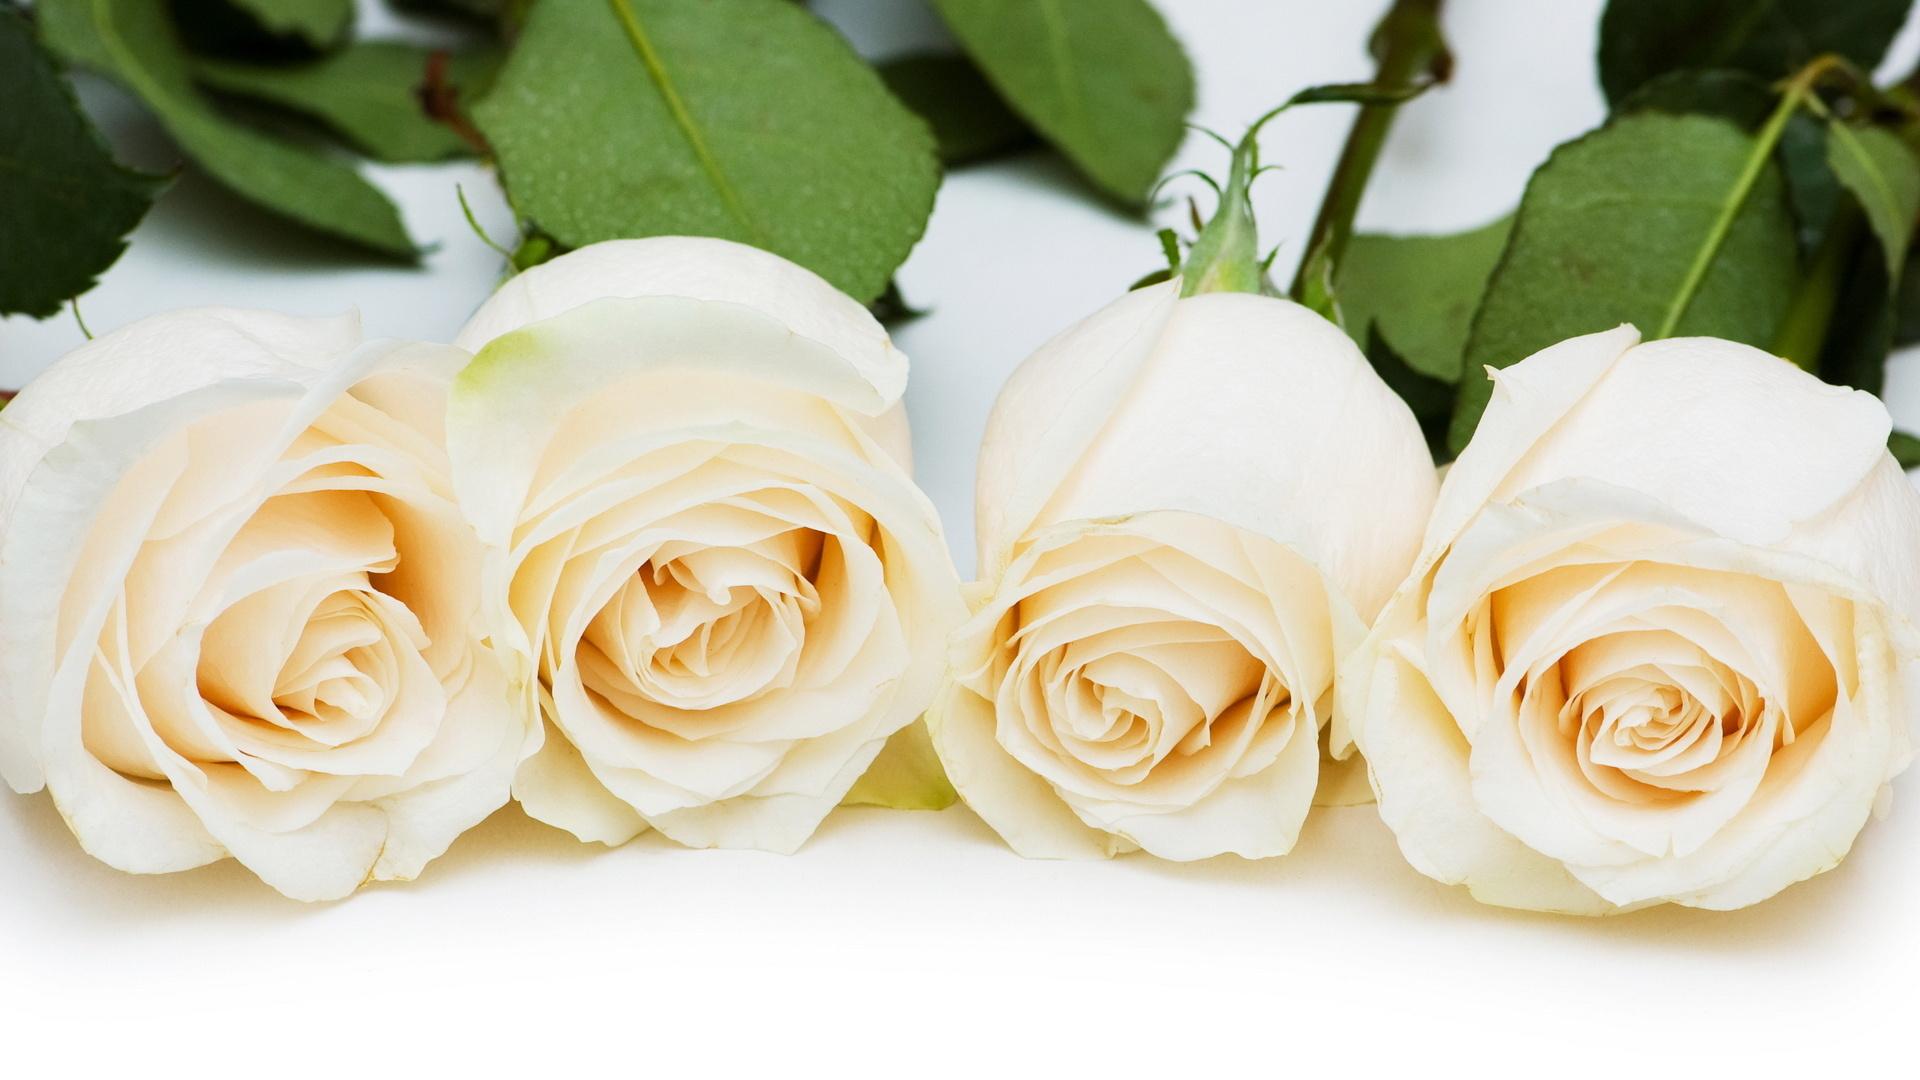 замка картинка для белая роза рабочего стола цветок